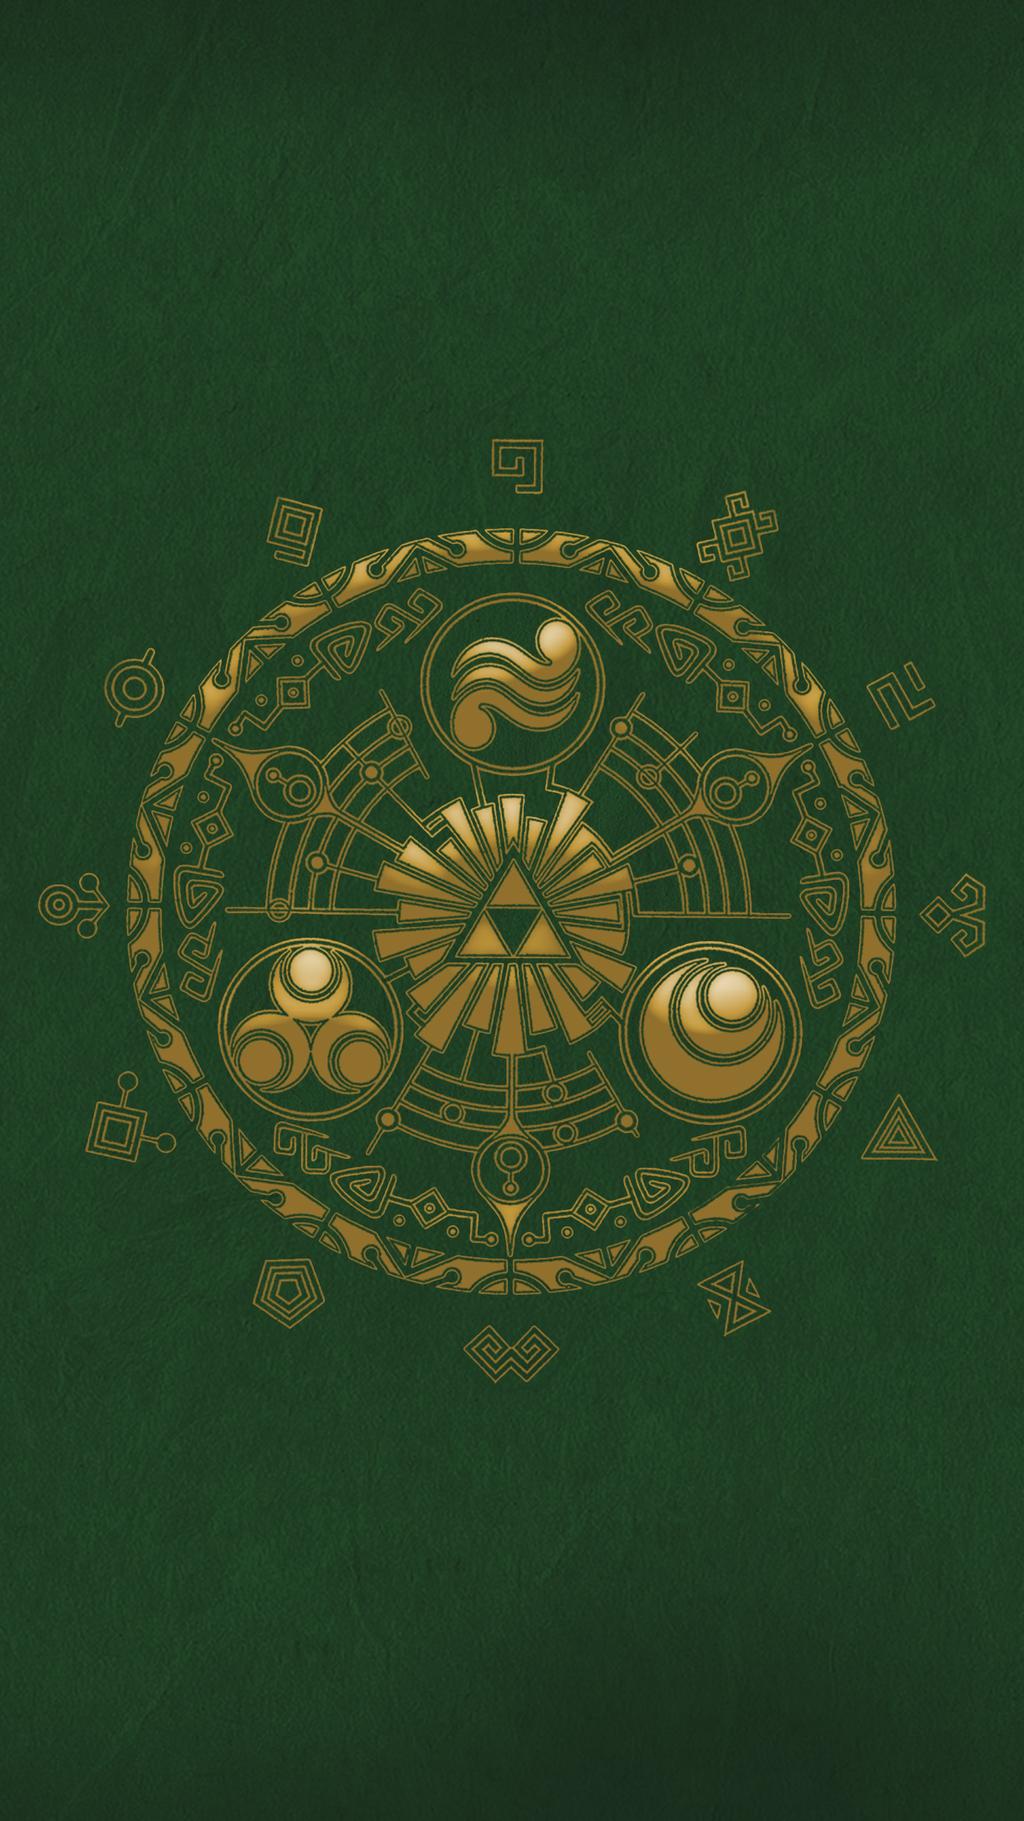 Wallpaper iphone zelda - Legend Of Zelda Hyrule Historia Iphone Wallpaper By Jamesgunaca On